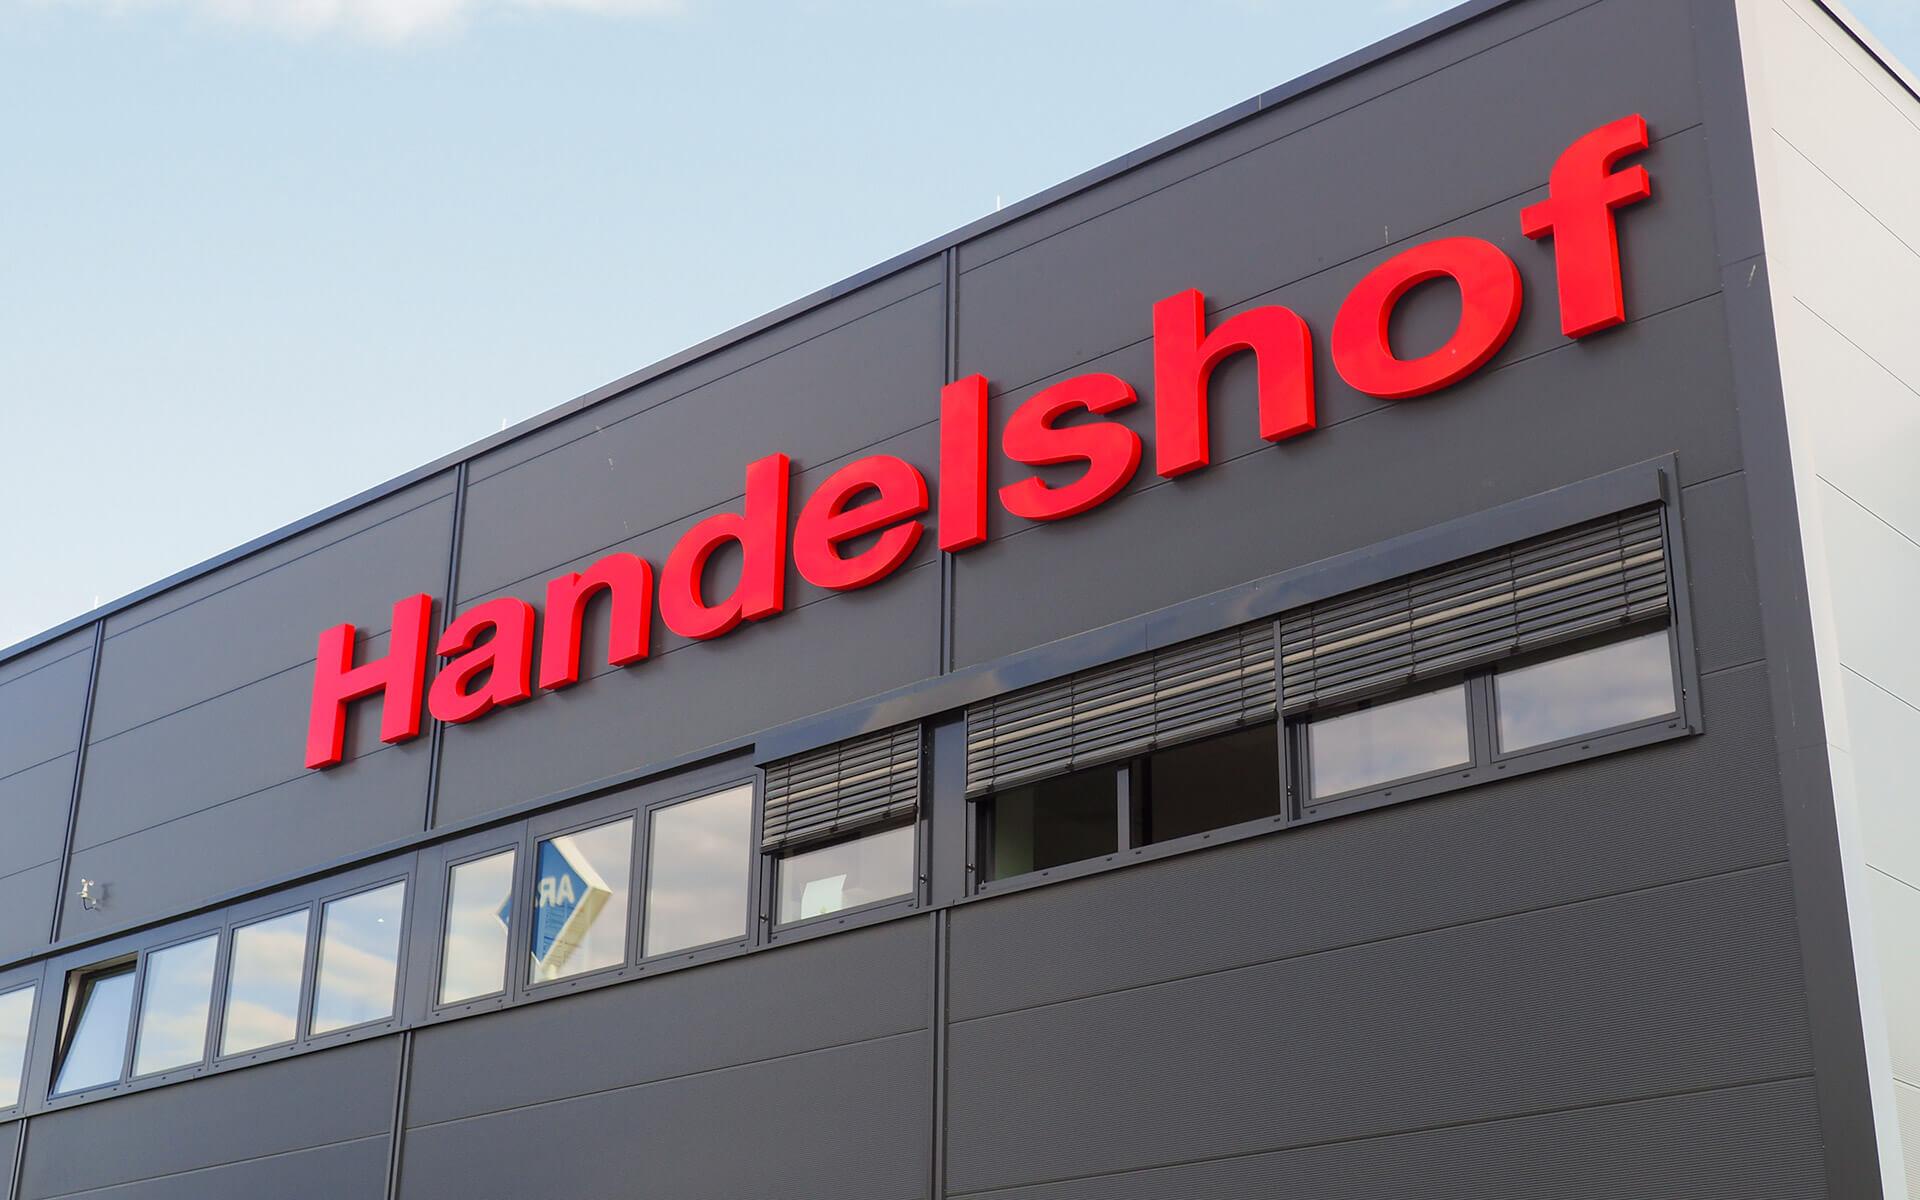 Handelshof Rostock Logo Fassade